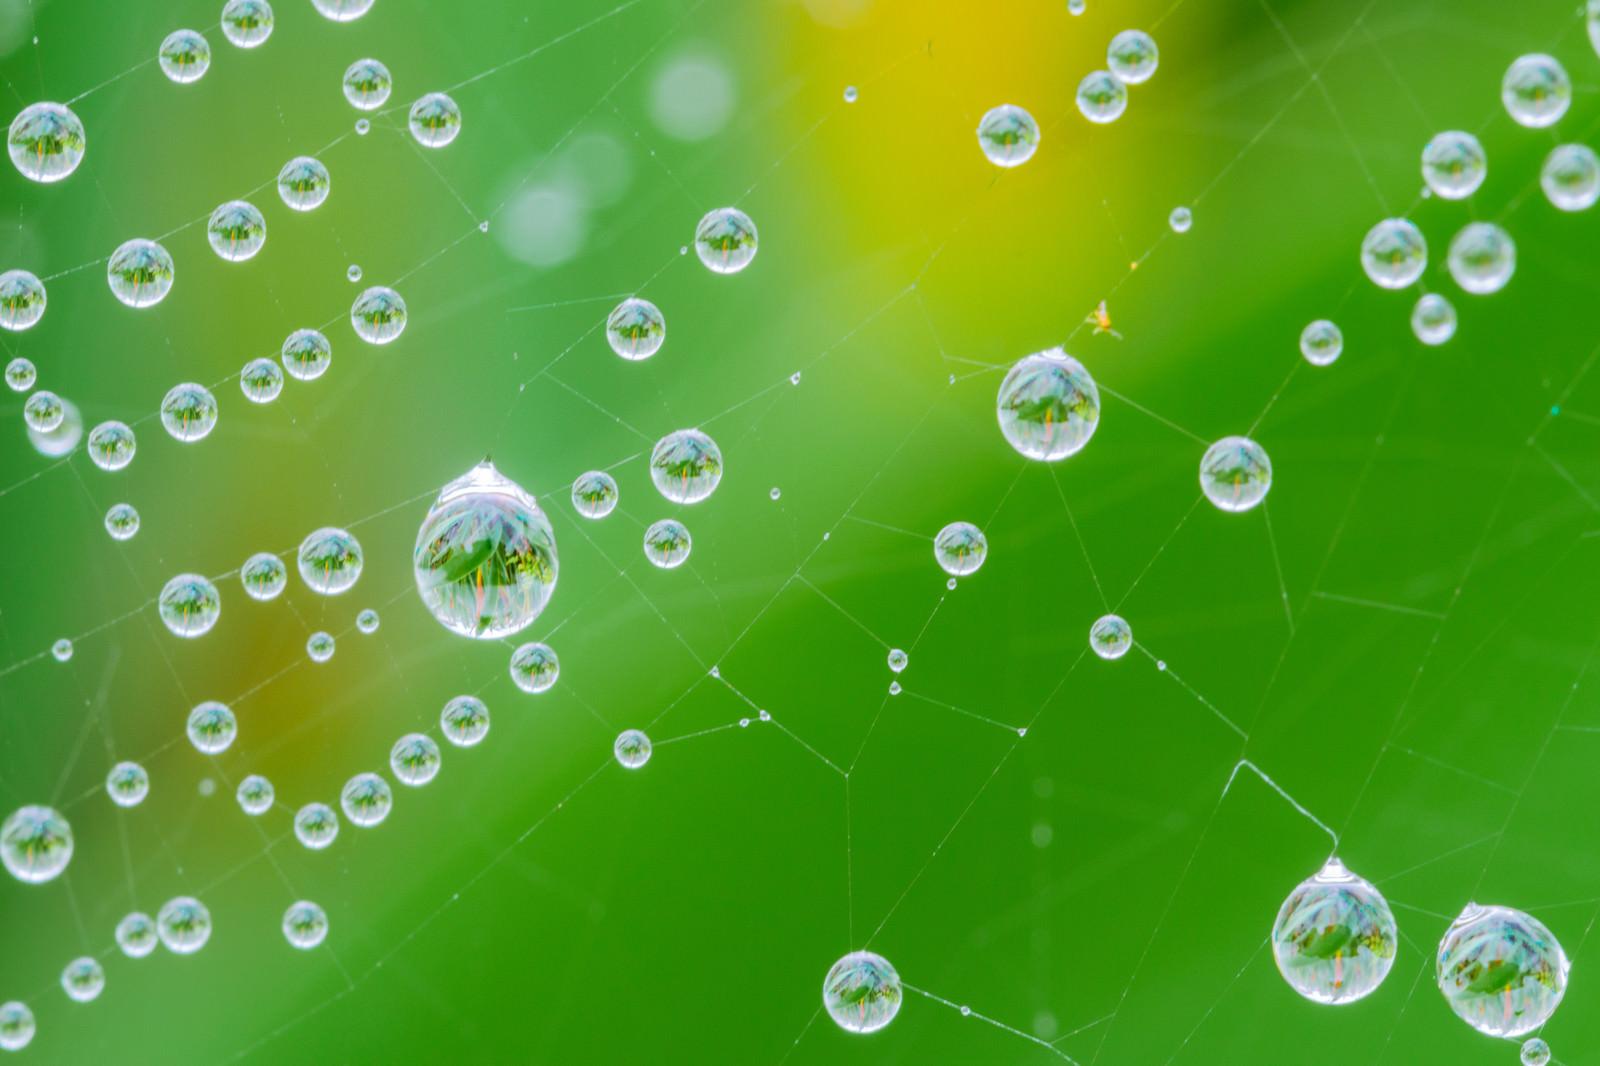 「蜘蛛の巣に付いた雨粒の中に映る草木」の写真